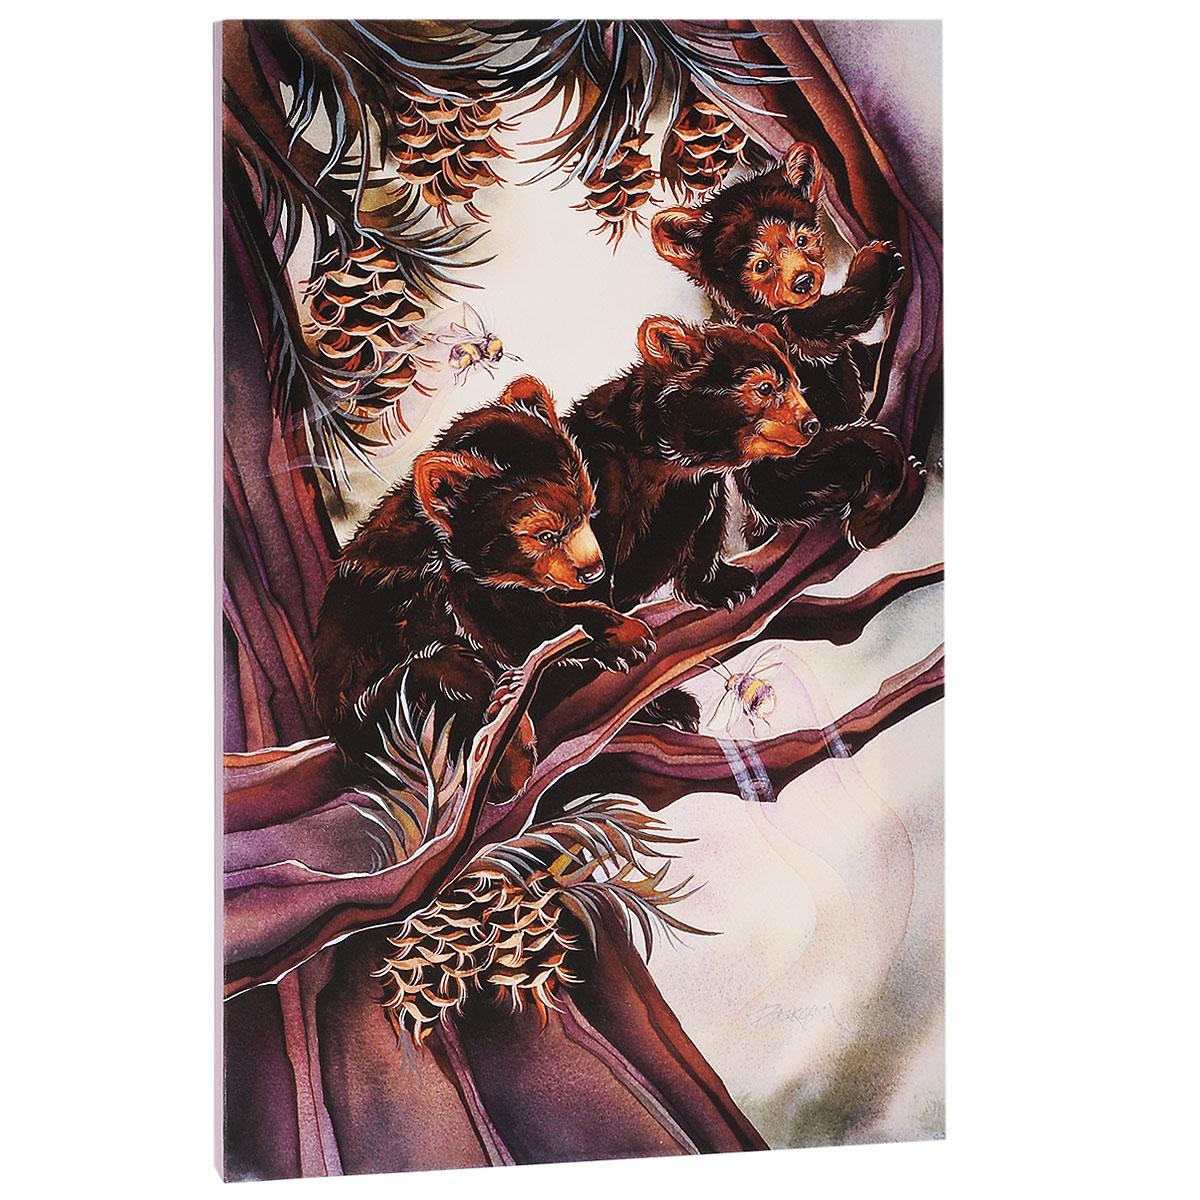 КвикДекор Картина на холсте Жизнь прекрасна, 60 см х 40 см1519Картина на холсте КвикДекор Жизнь прекрасна - это прекрасное решение для декора помещения. Она привнесет в интерьер яркий акцент и сделает обстановку комфортной и уютной.Работа автора Джоди Бергсма, родом из Беллингхэм Штат Вашингтон США, признанная во всем мире художница, уже имеет обширный список лицензиатов. Работы Джоди воплощают ее отношения с природой и ее страсть к мифическим существам. Ее коллекция изображений включает в себя все: от фей и русалок до Знаков Зодиака и дикой природы. Очень давно маленькую девочку Джоди мучили кошмары. Мама, успокаивая дочку, говорила, что, если бы она рисовала их, они больше никогда не смогли бы ее испугать. Эти монстры, драконы и разные чудовища из детства подготовили почву для ее будущих работ - картин, которые зарождаются в ее сознании. Примерно в 15 лет Джоди стала рисовать профессионально, продавая свои акварельные картины на местных художественных выставках. Сотни ее оригиналов, главным образом детей и домашних животных, были проданы, когда она была еще подростком. Уже тогда она поняла, что ее жизнь будет посвящена искусству.Картина на холсте не нуждается в рамке или багете - галерейная натяжка холста на подрамники выполнена очень аккуратно, а боковые части картины запечатаны продолжением картинки либо тоновой заливкой. На обратной стороне подрамника имеется отверстие, благодаря которому картину можно легко закрепить на стене и подкорректировать ее положение.Материал: натуральный х/б холст, латексная печать.Галерейная натяжка на деревянный подрамник.